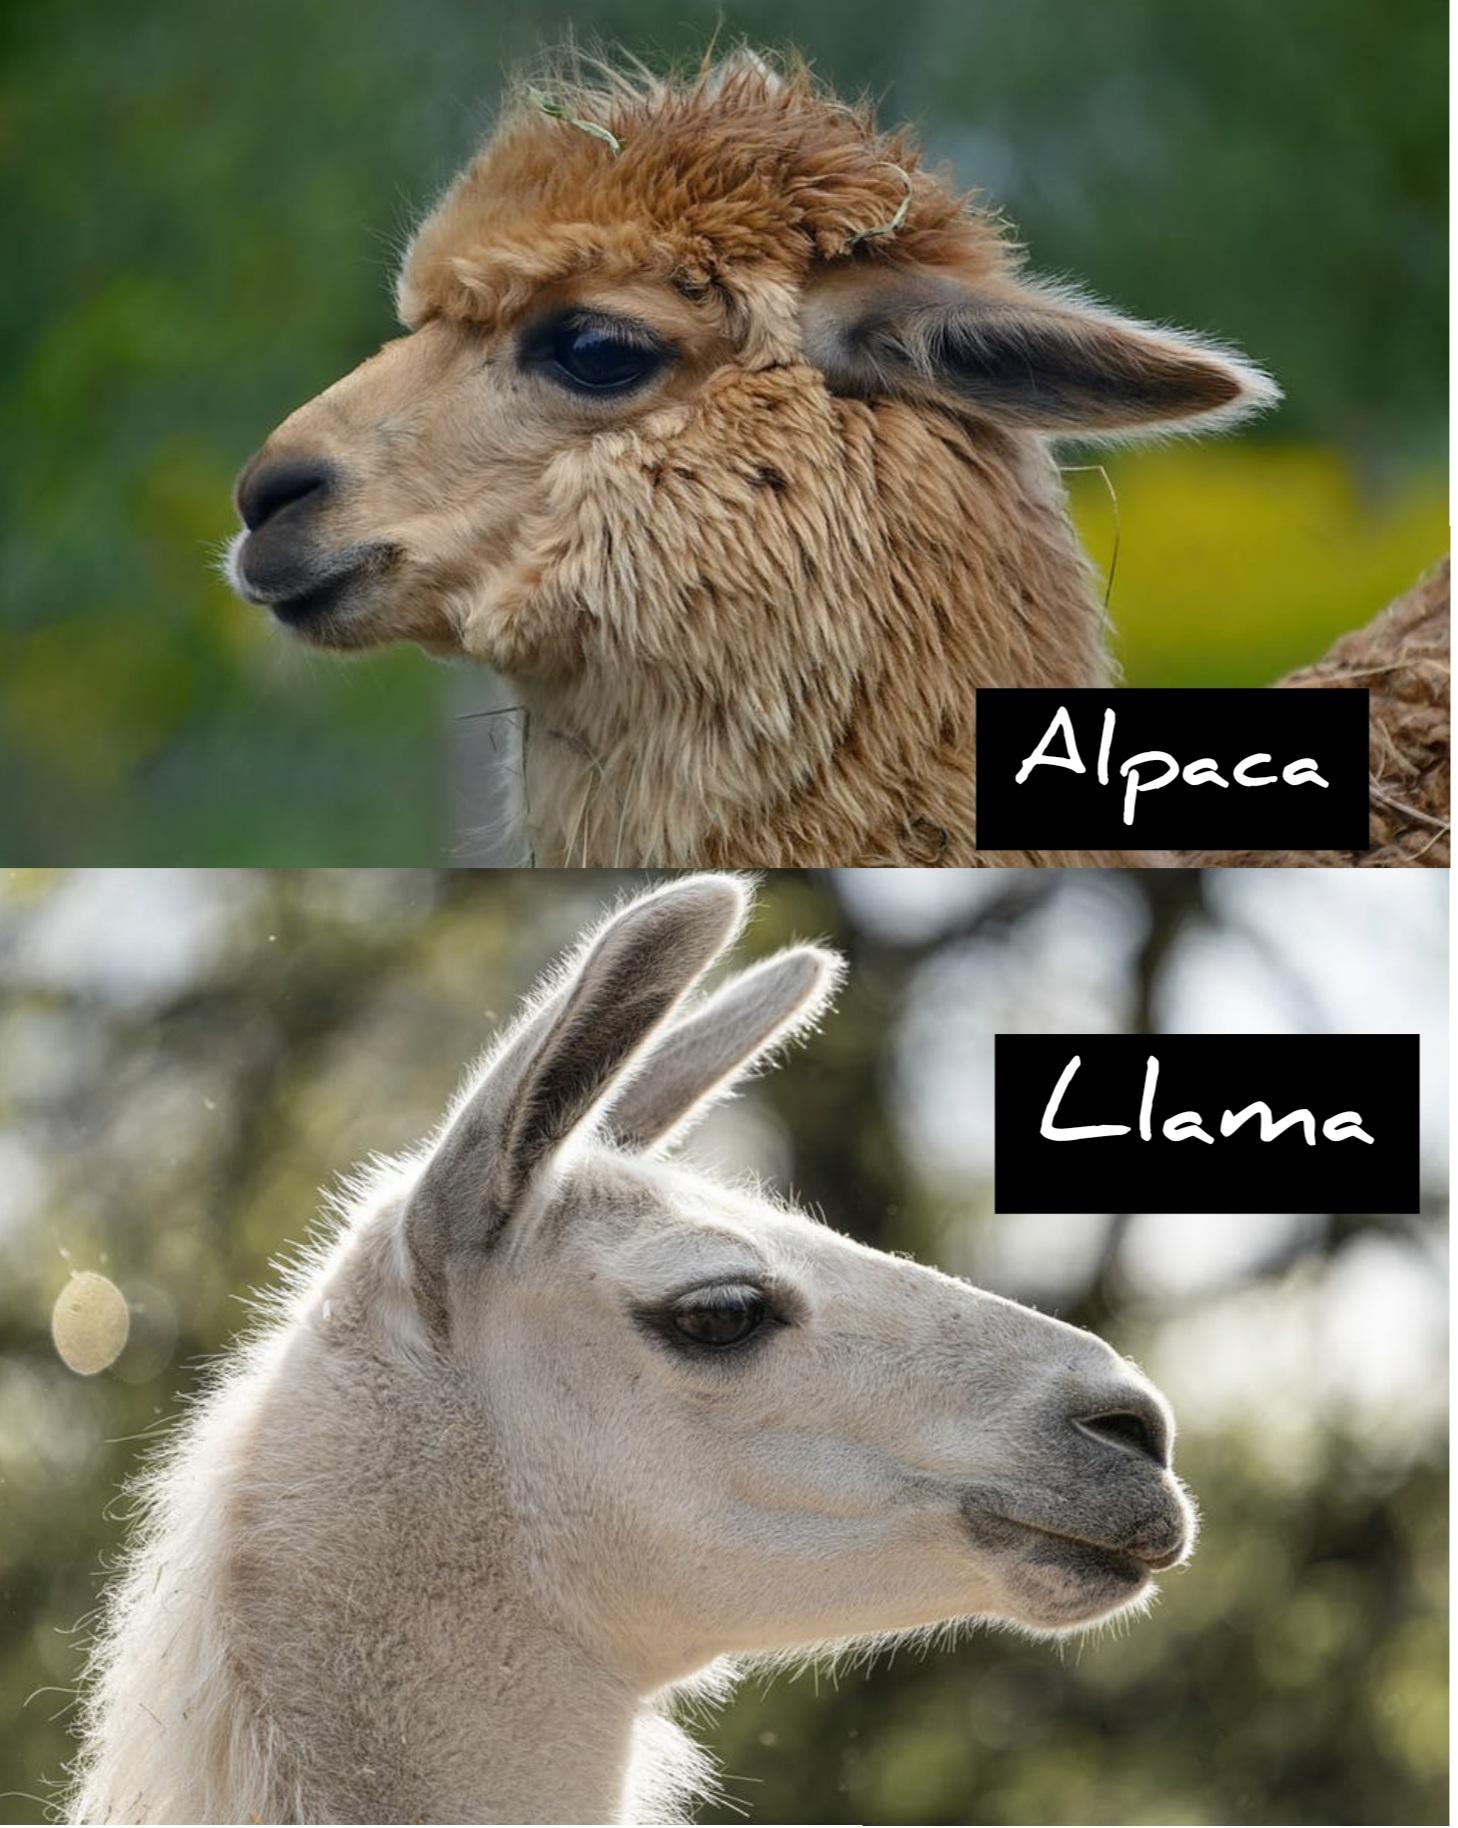 Face of alpaca and llama